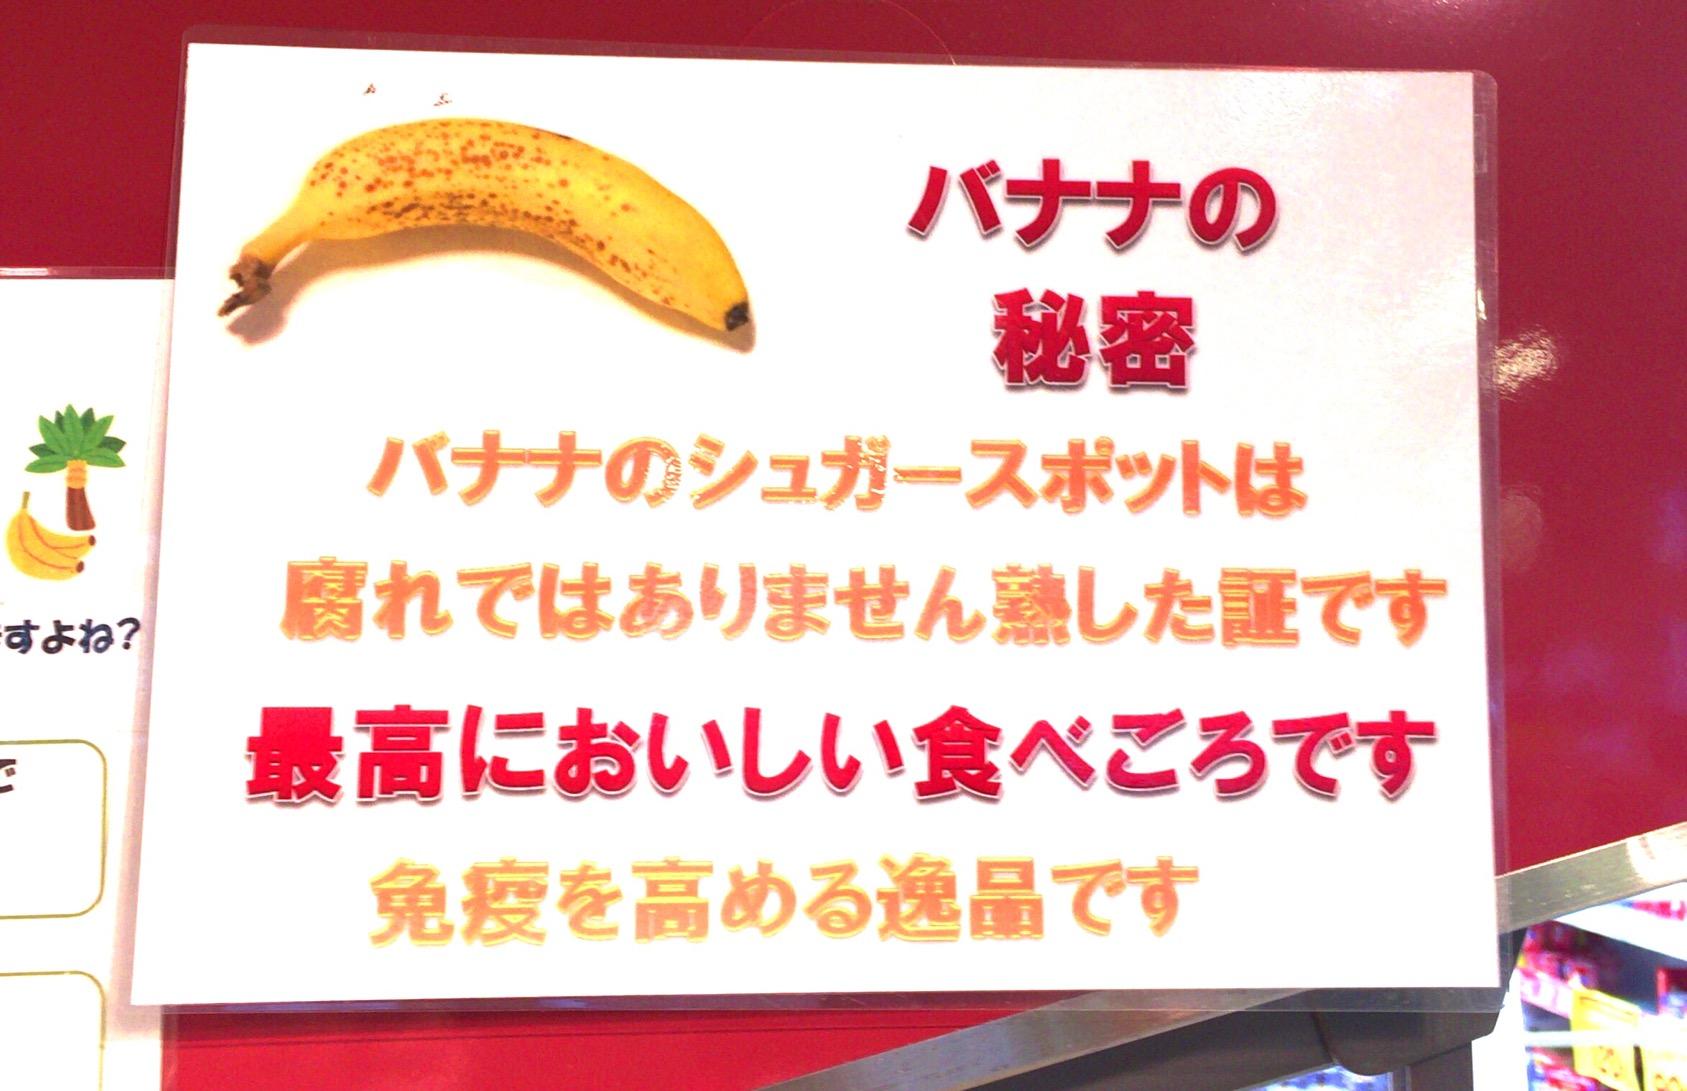 斑点バナナの効能(撮影:中野龍三)。